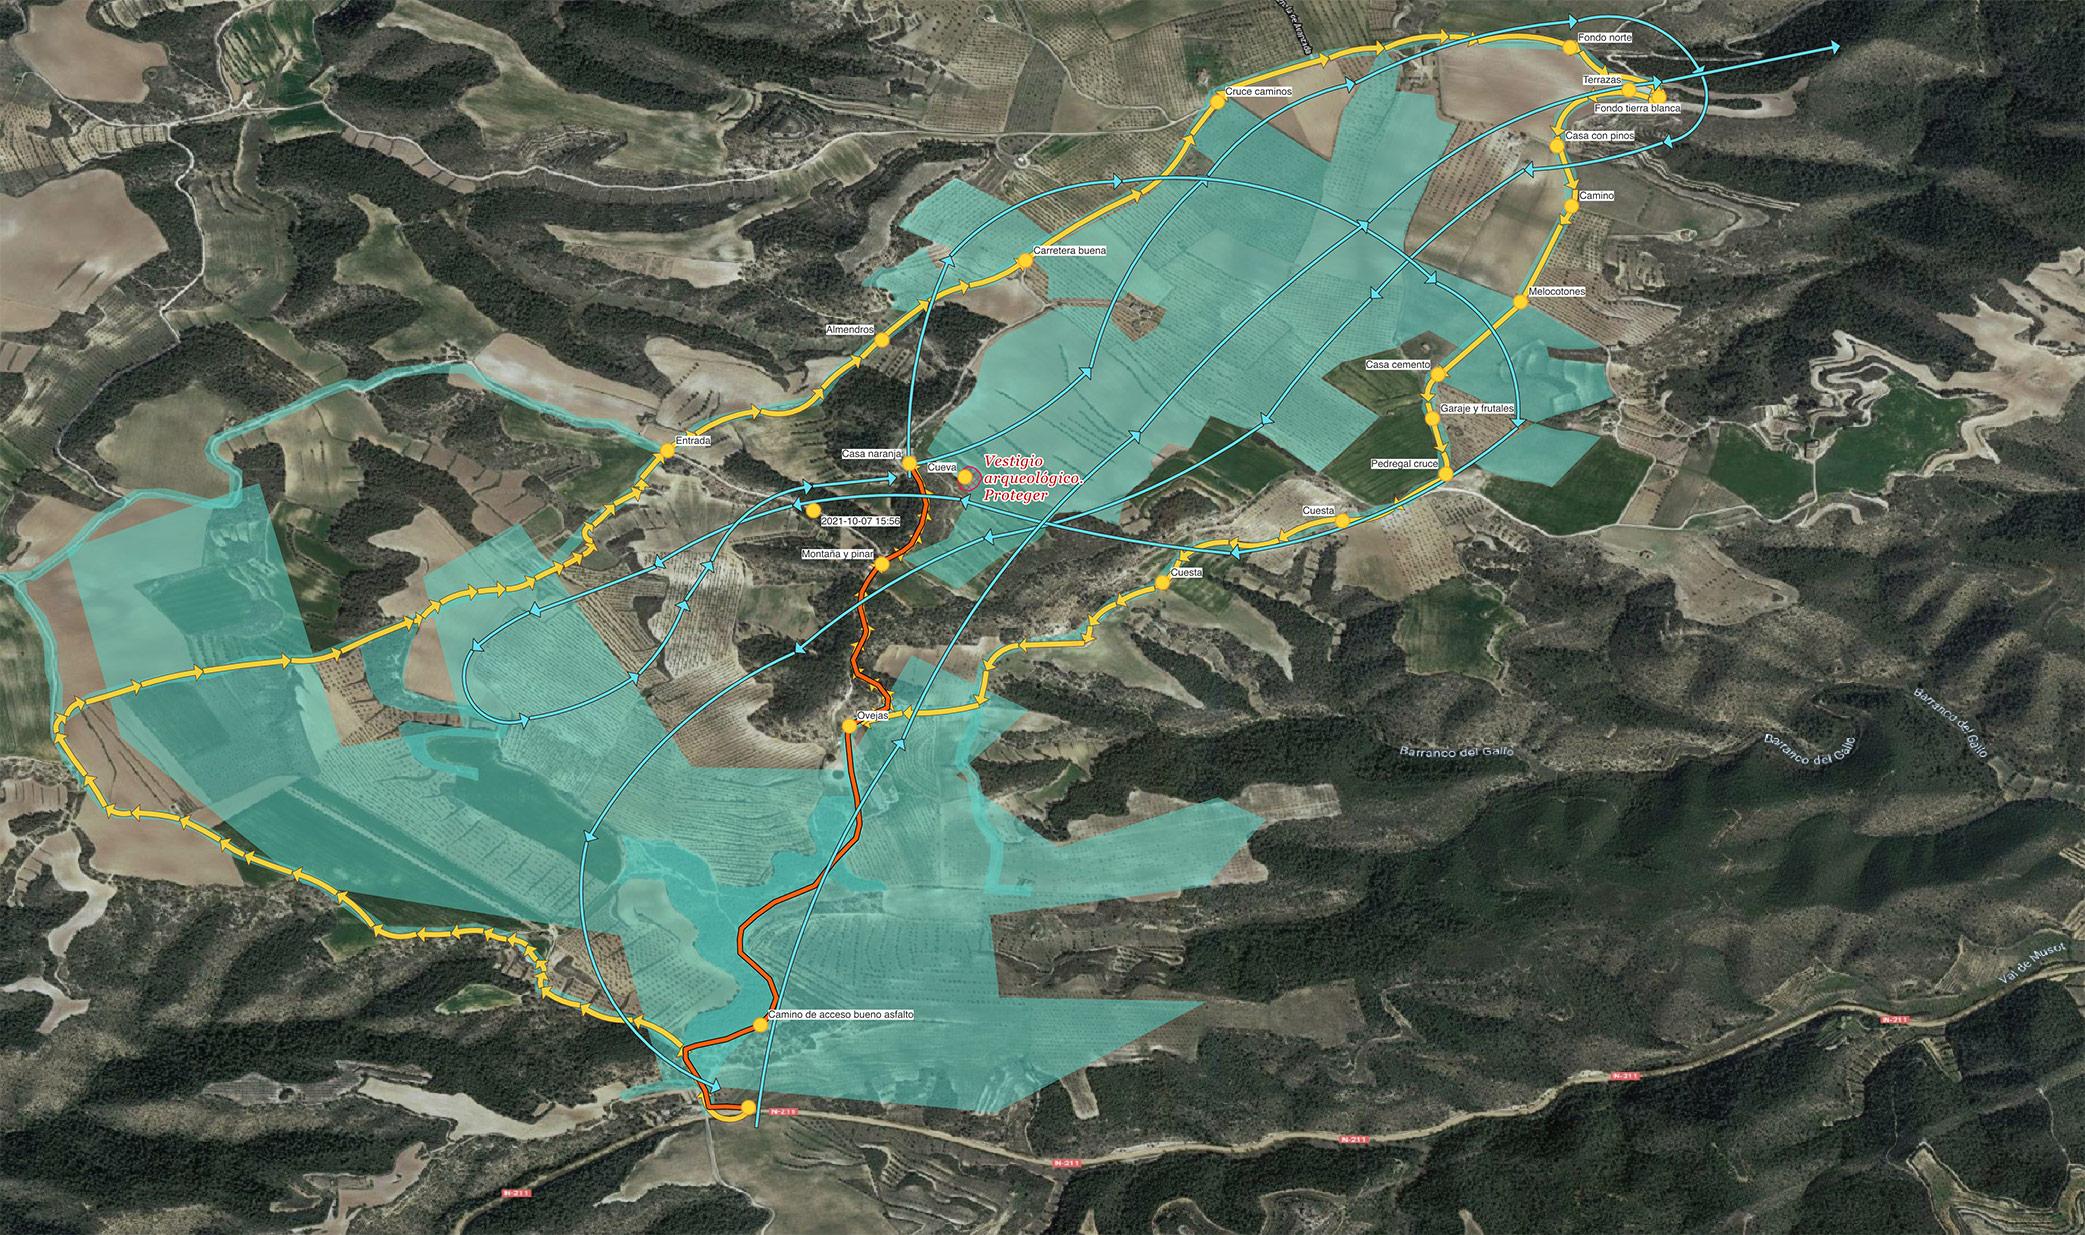 Mapa QGIS para programar la inspección al campo PV Cinca 1. Zaragoza. © AerialTec, Octubre 2021.